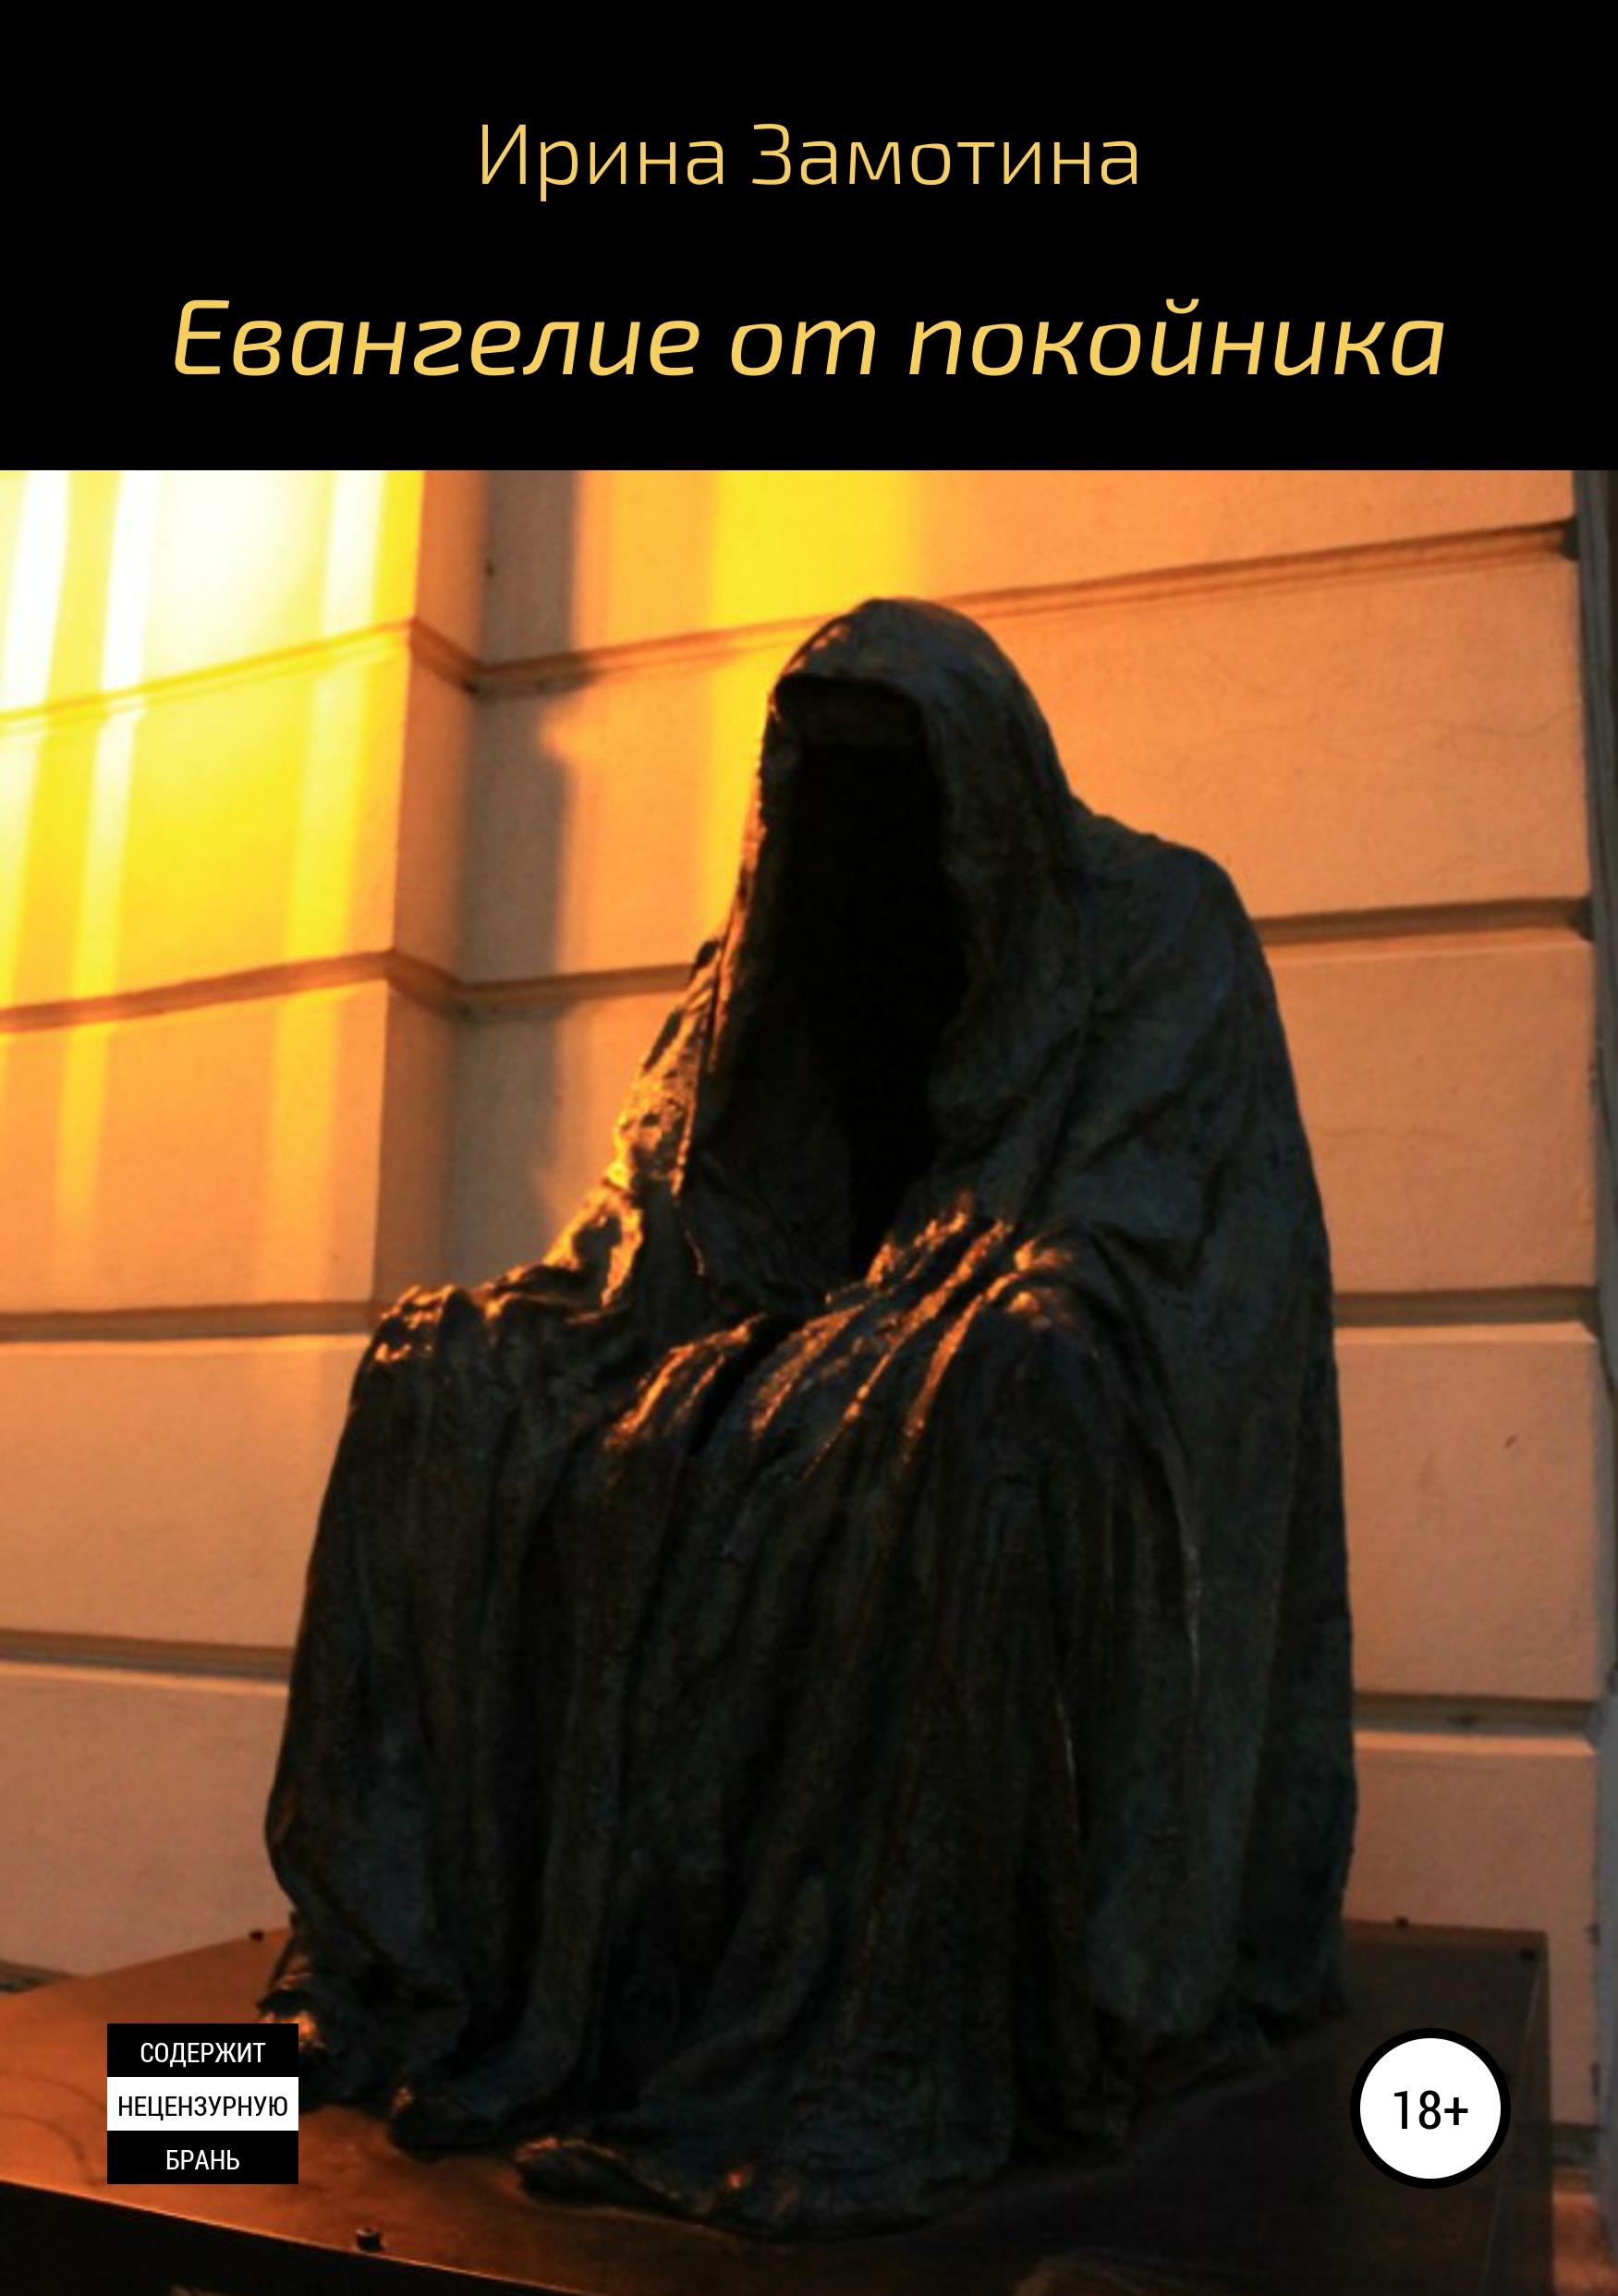 Ирина Замотина «Евангелие от покойника»